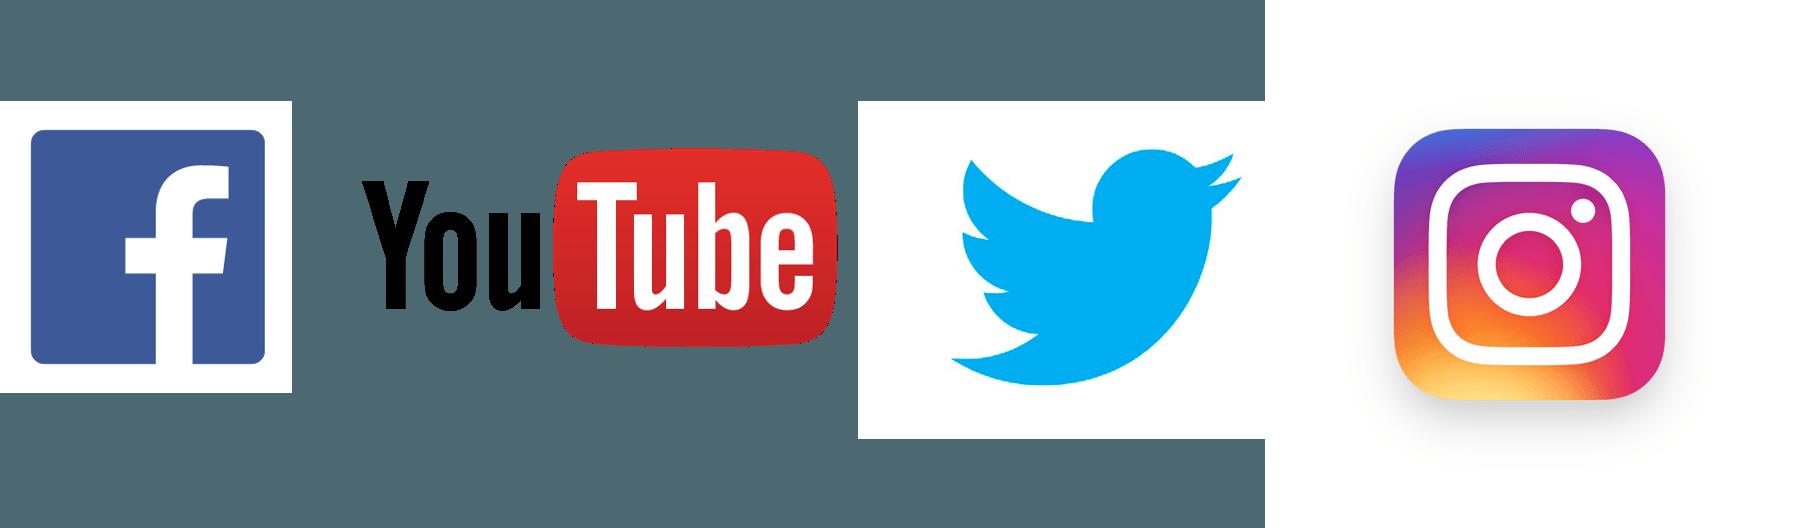 Facebook YouTube Instagram Logo - LogoDix